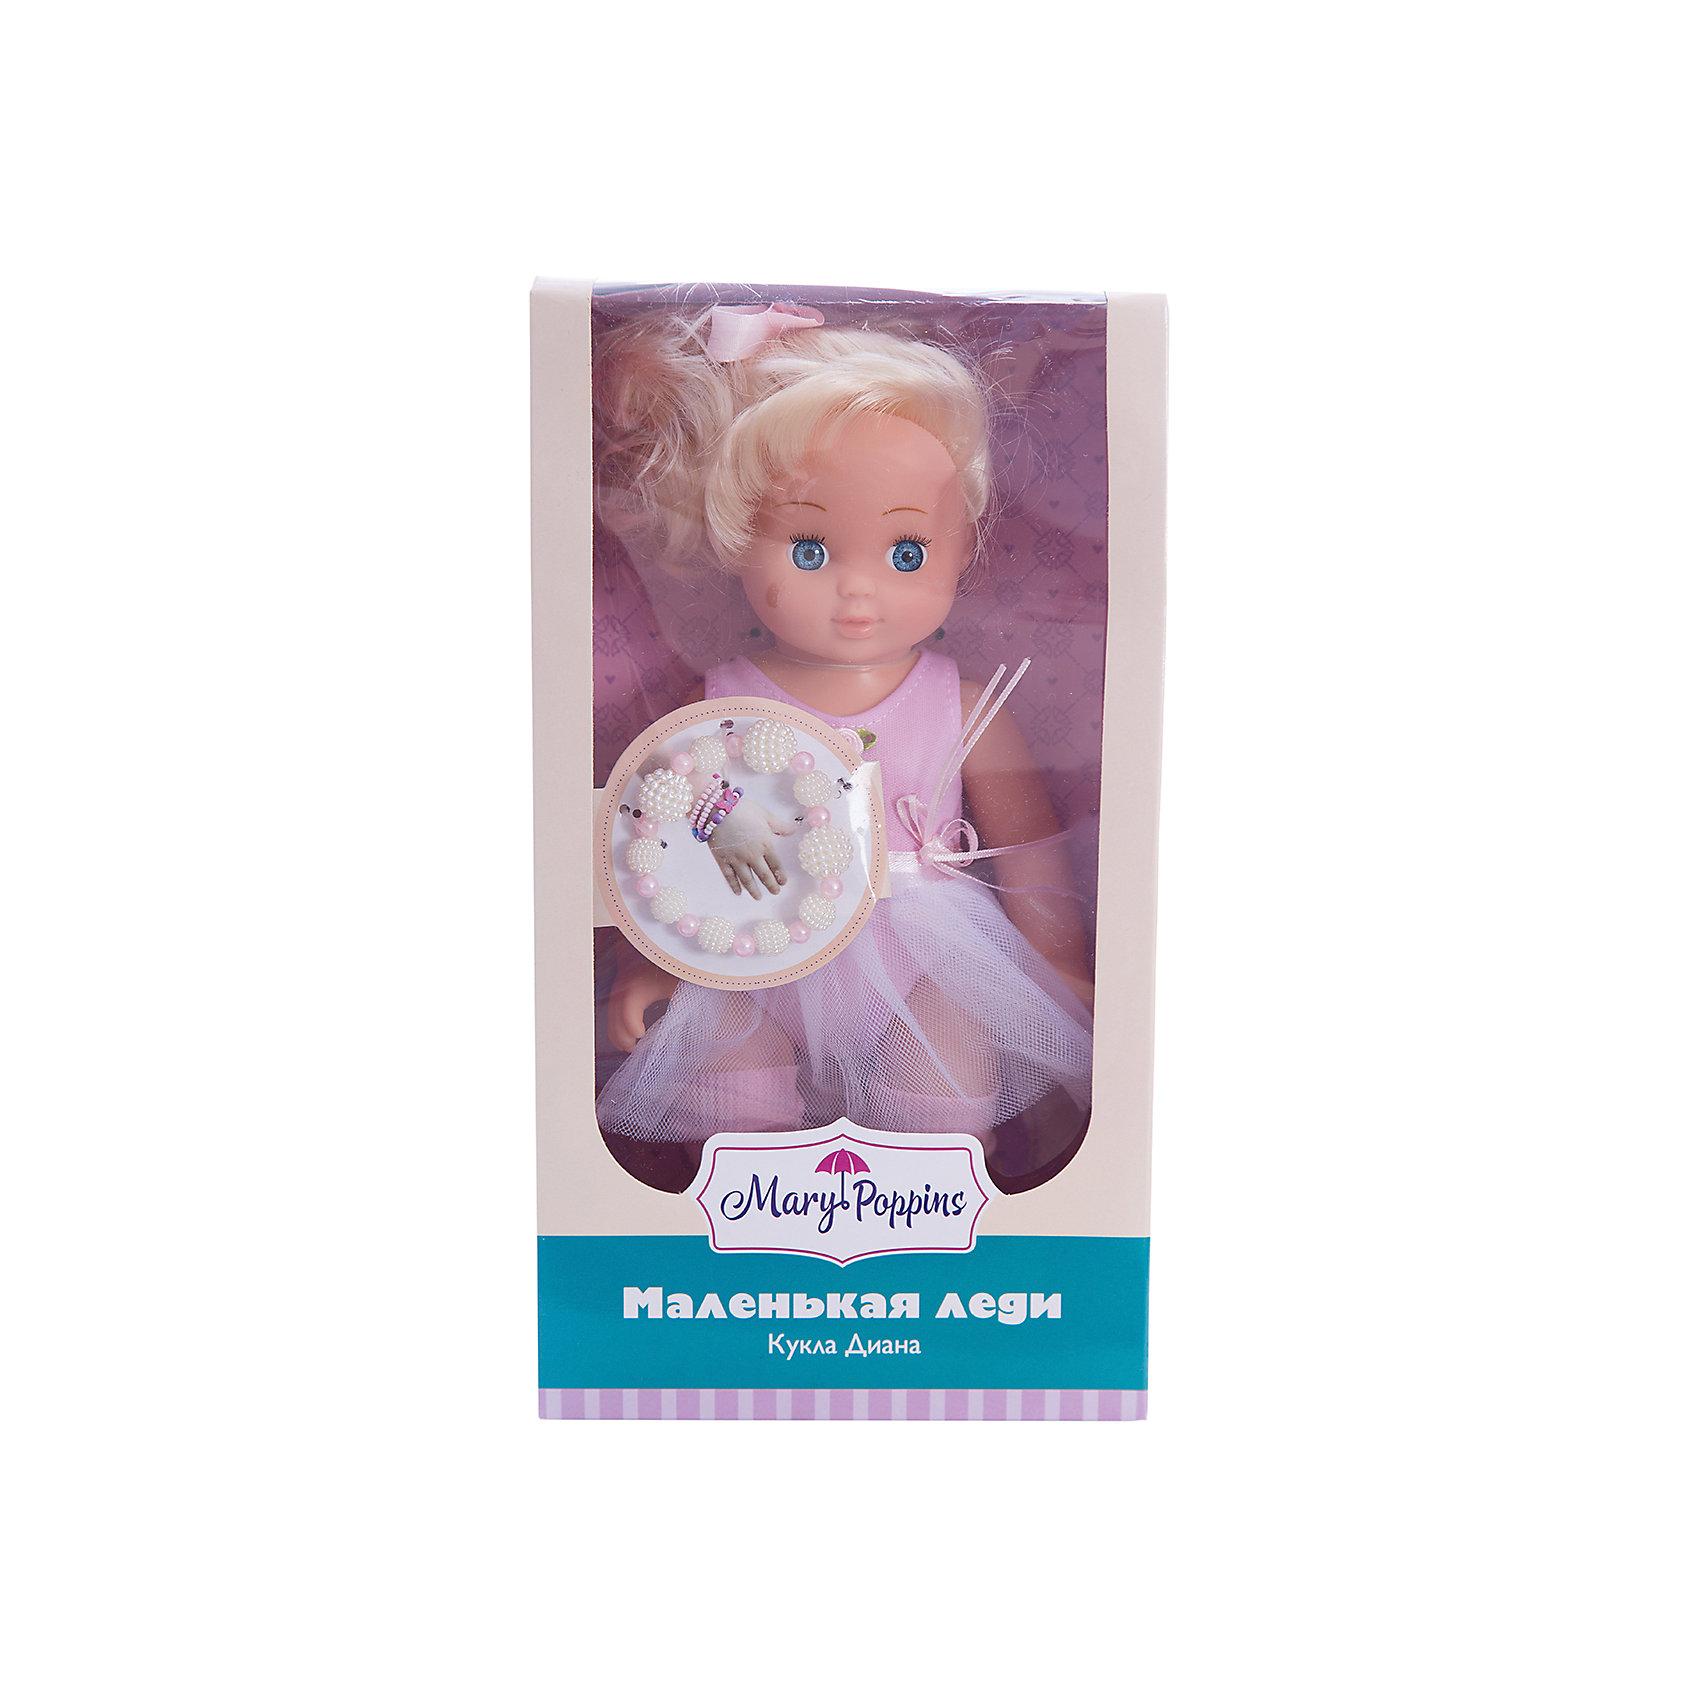 Кукла Диана Маленькая леди, Mary PoppinsКуклы<br>Кукла Диана Маленькая леди, Mary Poppins.<br><br>Характеристики:<br><br>• Комплектация: кукла, браслет<br>• Высота куклы: 9 см.<br>• Материал: ПВХ, пластик, текстиль<br>• Размер упаковки: 16х8х29 см.<br><br>Кукла Диана из серии Маленькая леди от фирмы Mary Poppins очарует маленьких девочек. У Дианы большие голубые глаза, блестящие светлые волосы, собранные в хвостик и украшенные розовой лентой. Она одета в элегантное розовое платье, юбка которого напоминает балетную пачку. Диана выглядит как настоящая леди. Вместе с ней в комплект входит браслет из бусинок, который юная обладательница куклы может носить на руке. Глазки у куклы не закрываются. Кукла изготовлена из пластика и ПВХ.<br><br>Куклу Диана Маленькая леди, Mary Poppins можно купить в нашем интернет-магазине.<br><br>Ширина мм: 160<br>Глубина мм: 85<br>Высота мм: 300<br>Вес г: 365<br>Возраст от месяцев: 24<br>Возраст до месяцев: 2147483647<br>Пол: Женский<br>Возраст: Детский<br>SKU: 5402752